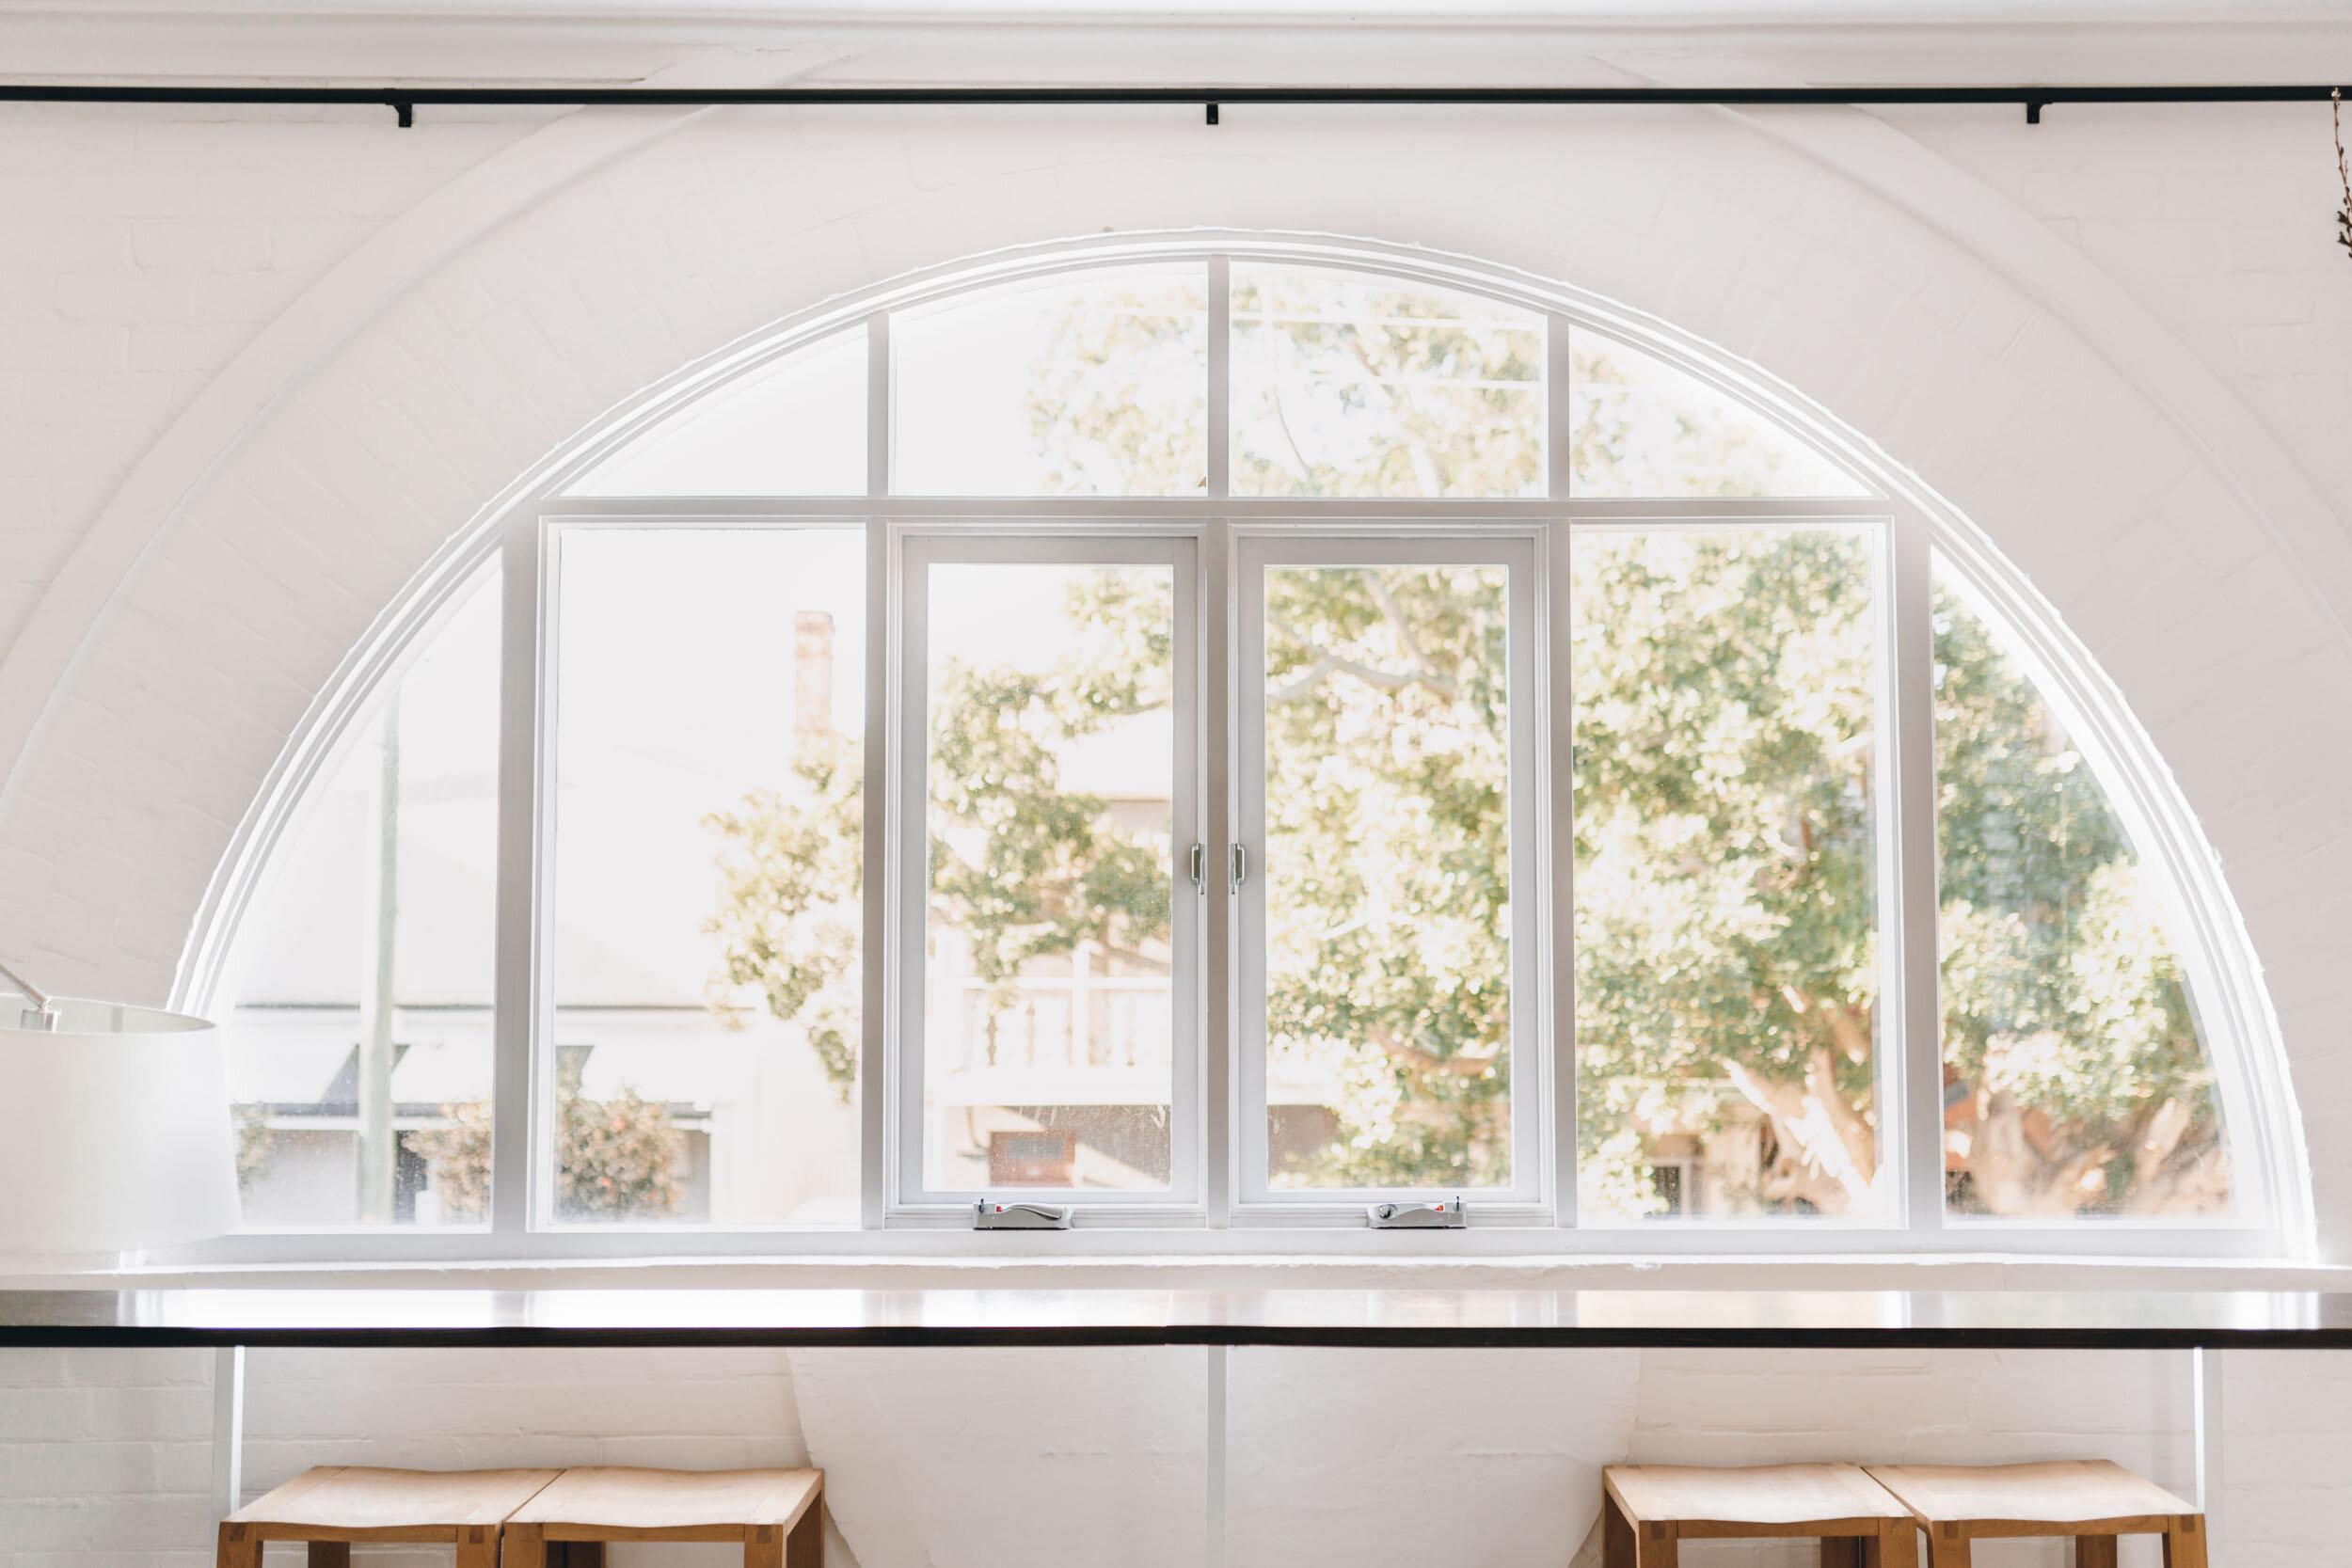 keira-mason-flourish-on-bull-street-arch-window.jpg